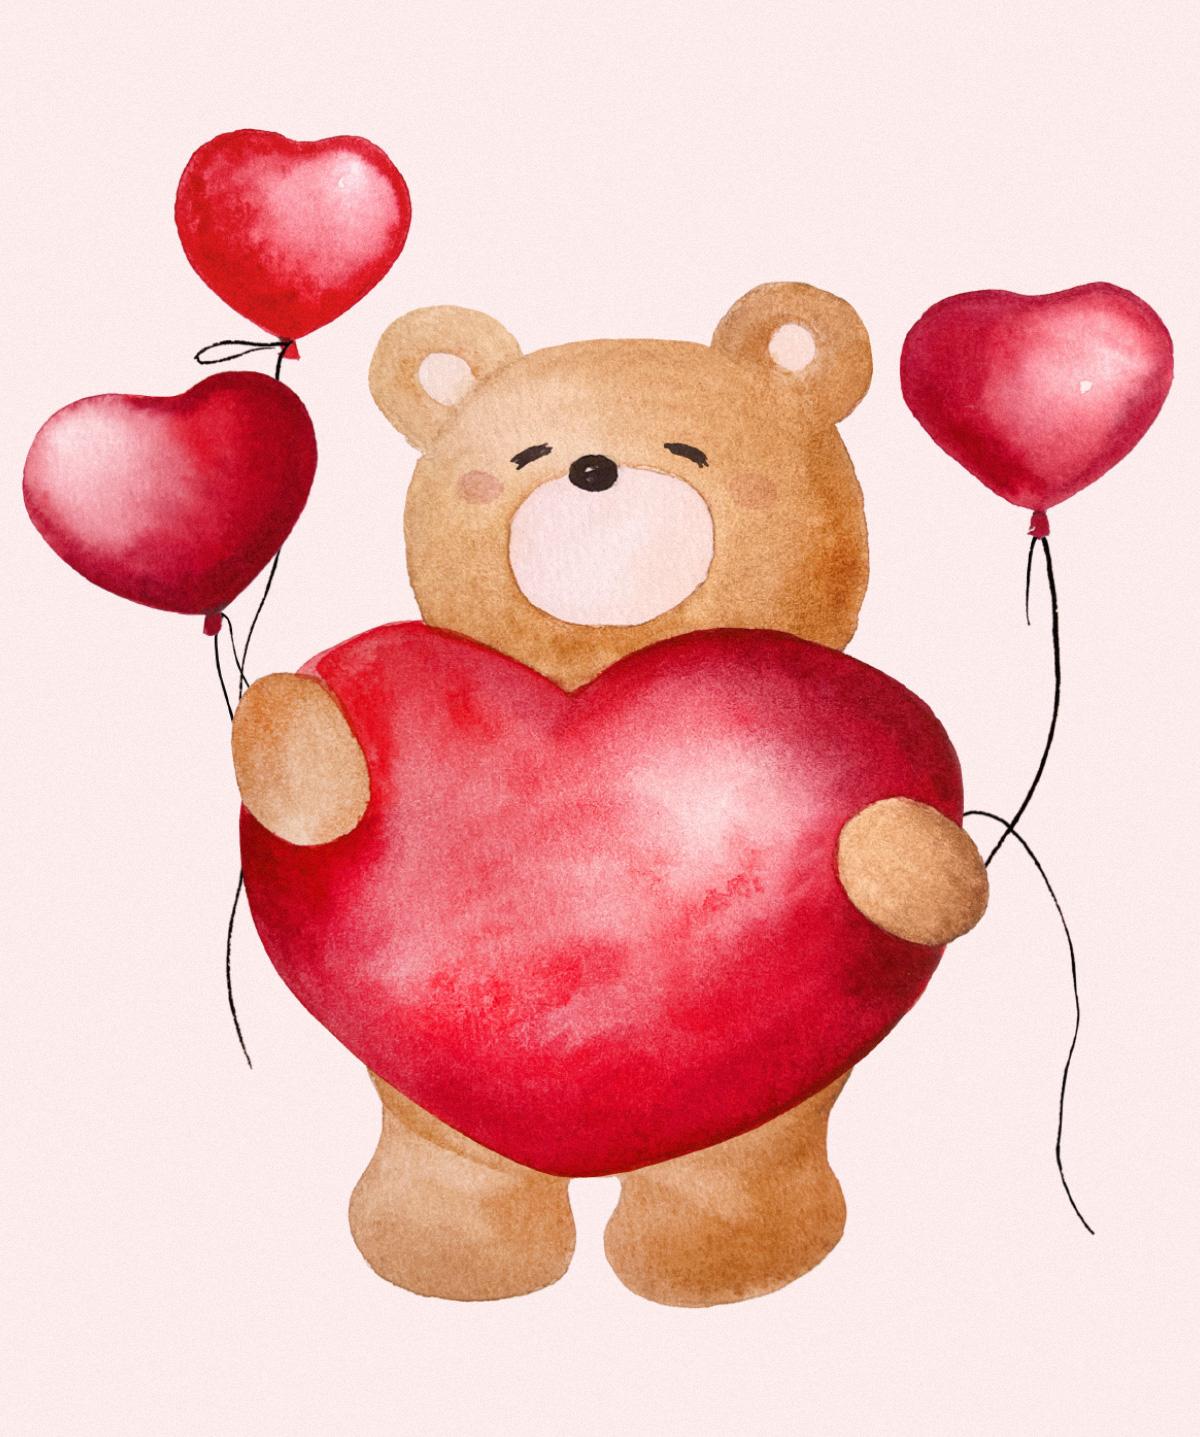 Alexandra-Motovilina_Christies-Bakery_Bear-with-heart